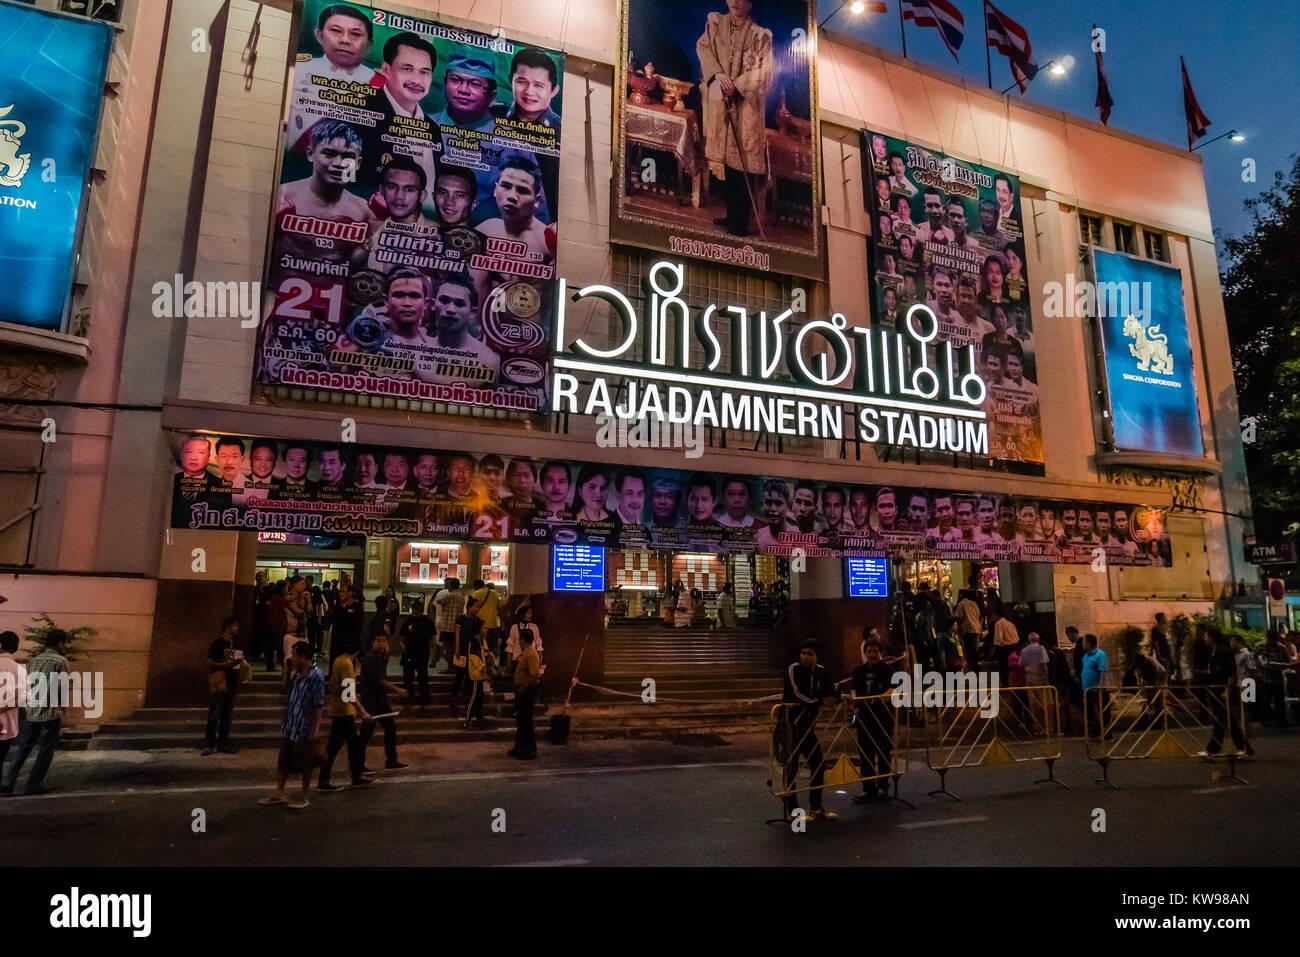 thai boxing stadium in bangkok - Stock Image